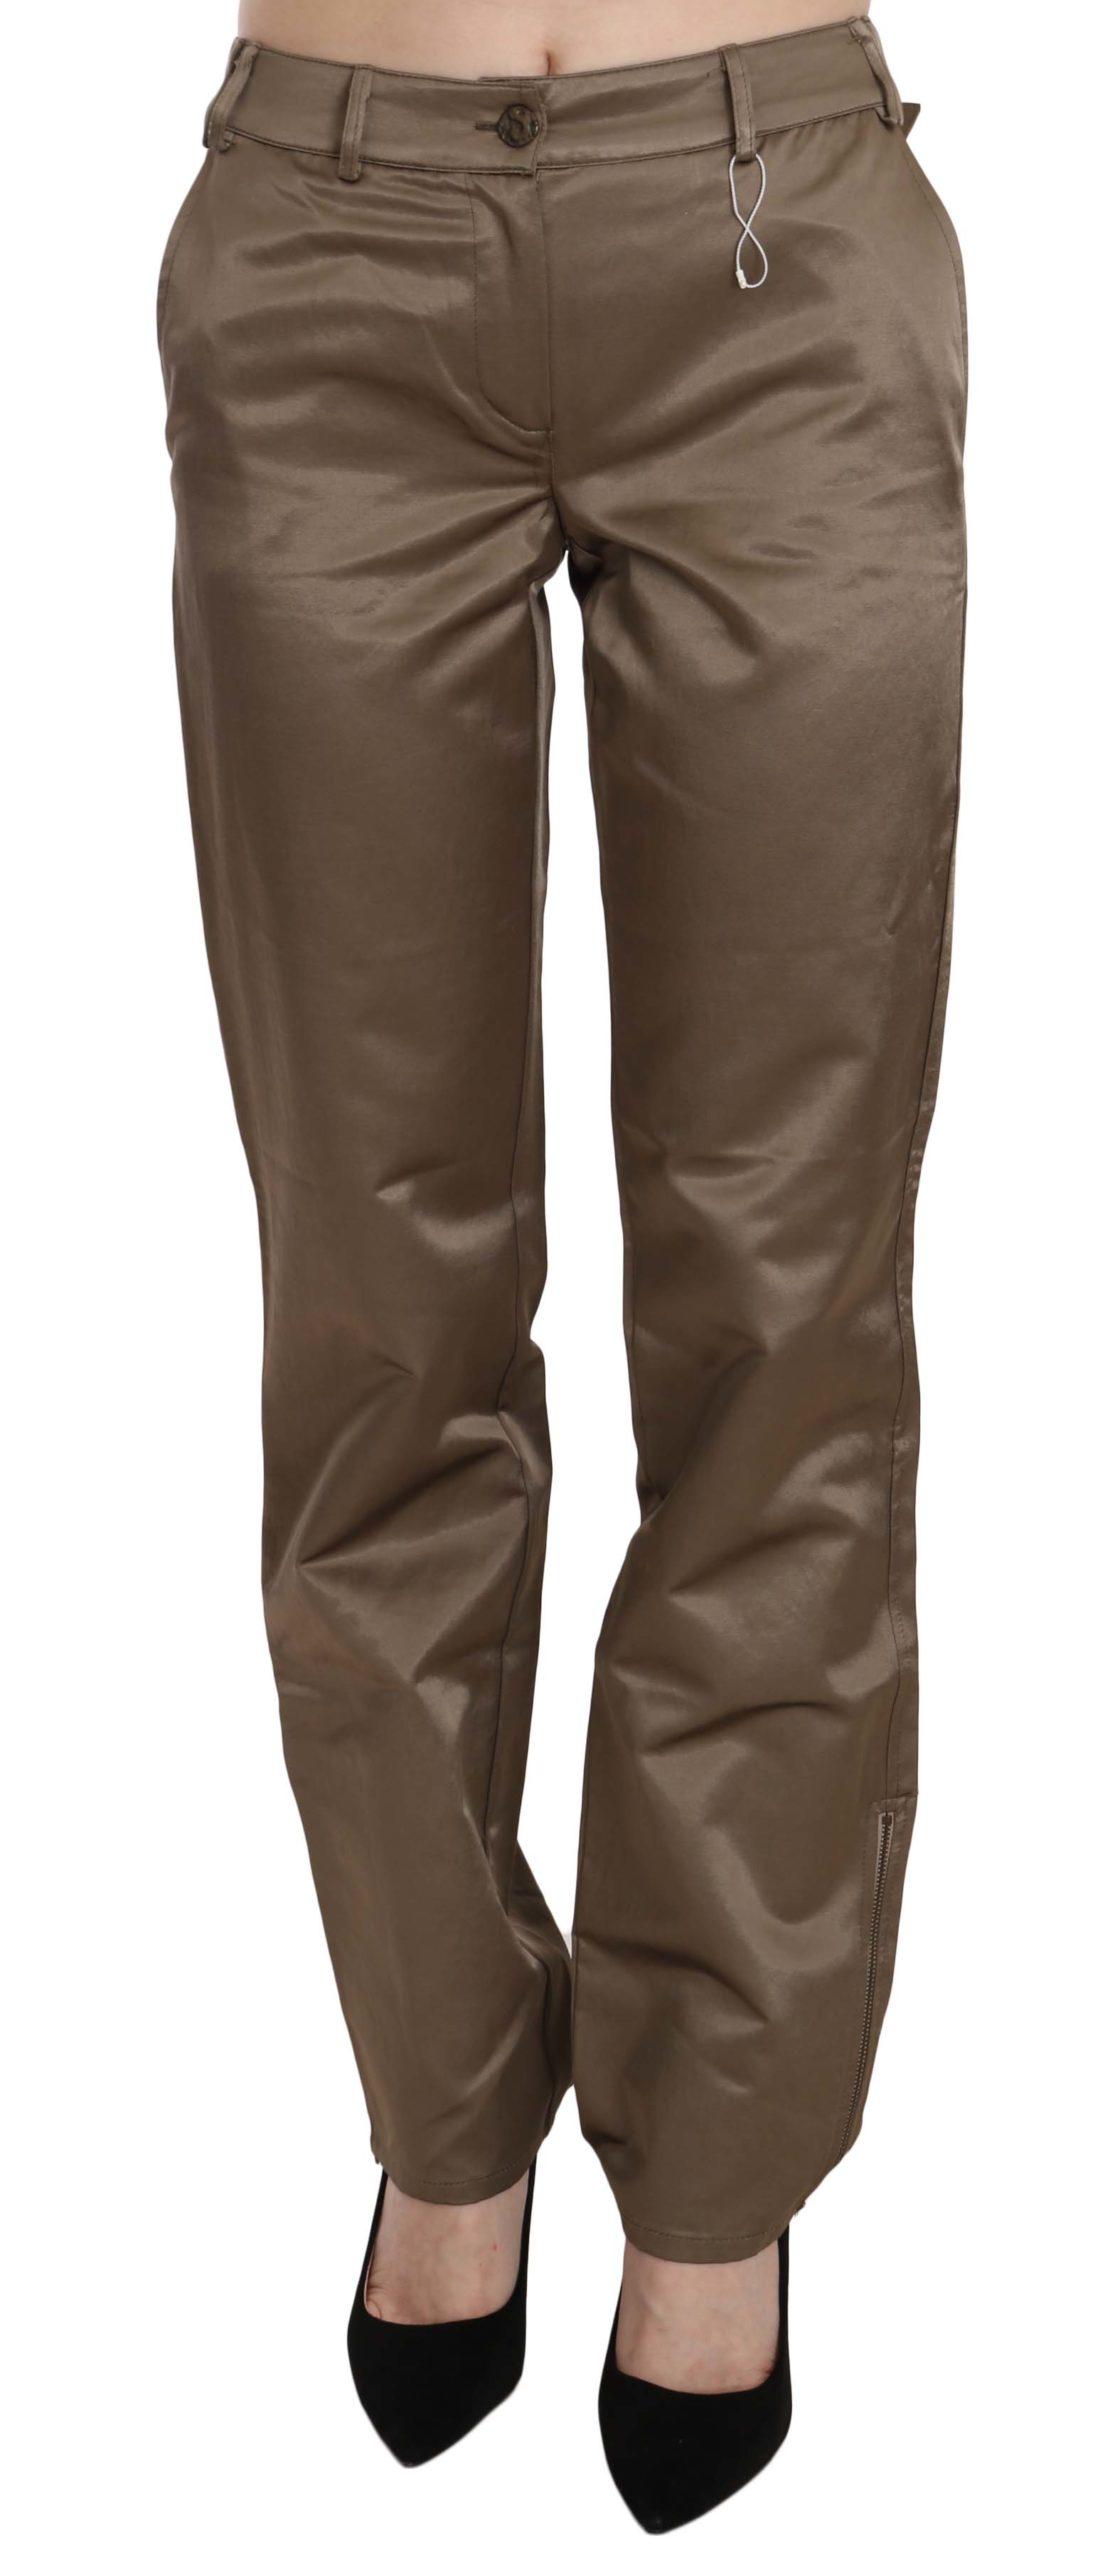 Roberto Cavalli Women's Cotton Mid Waist Straight Trouser Brown PAN70367 - IT40|S